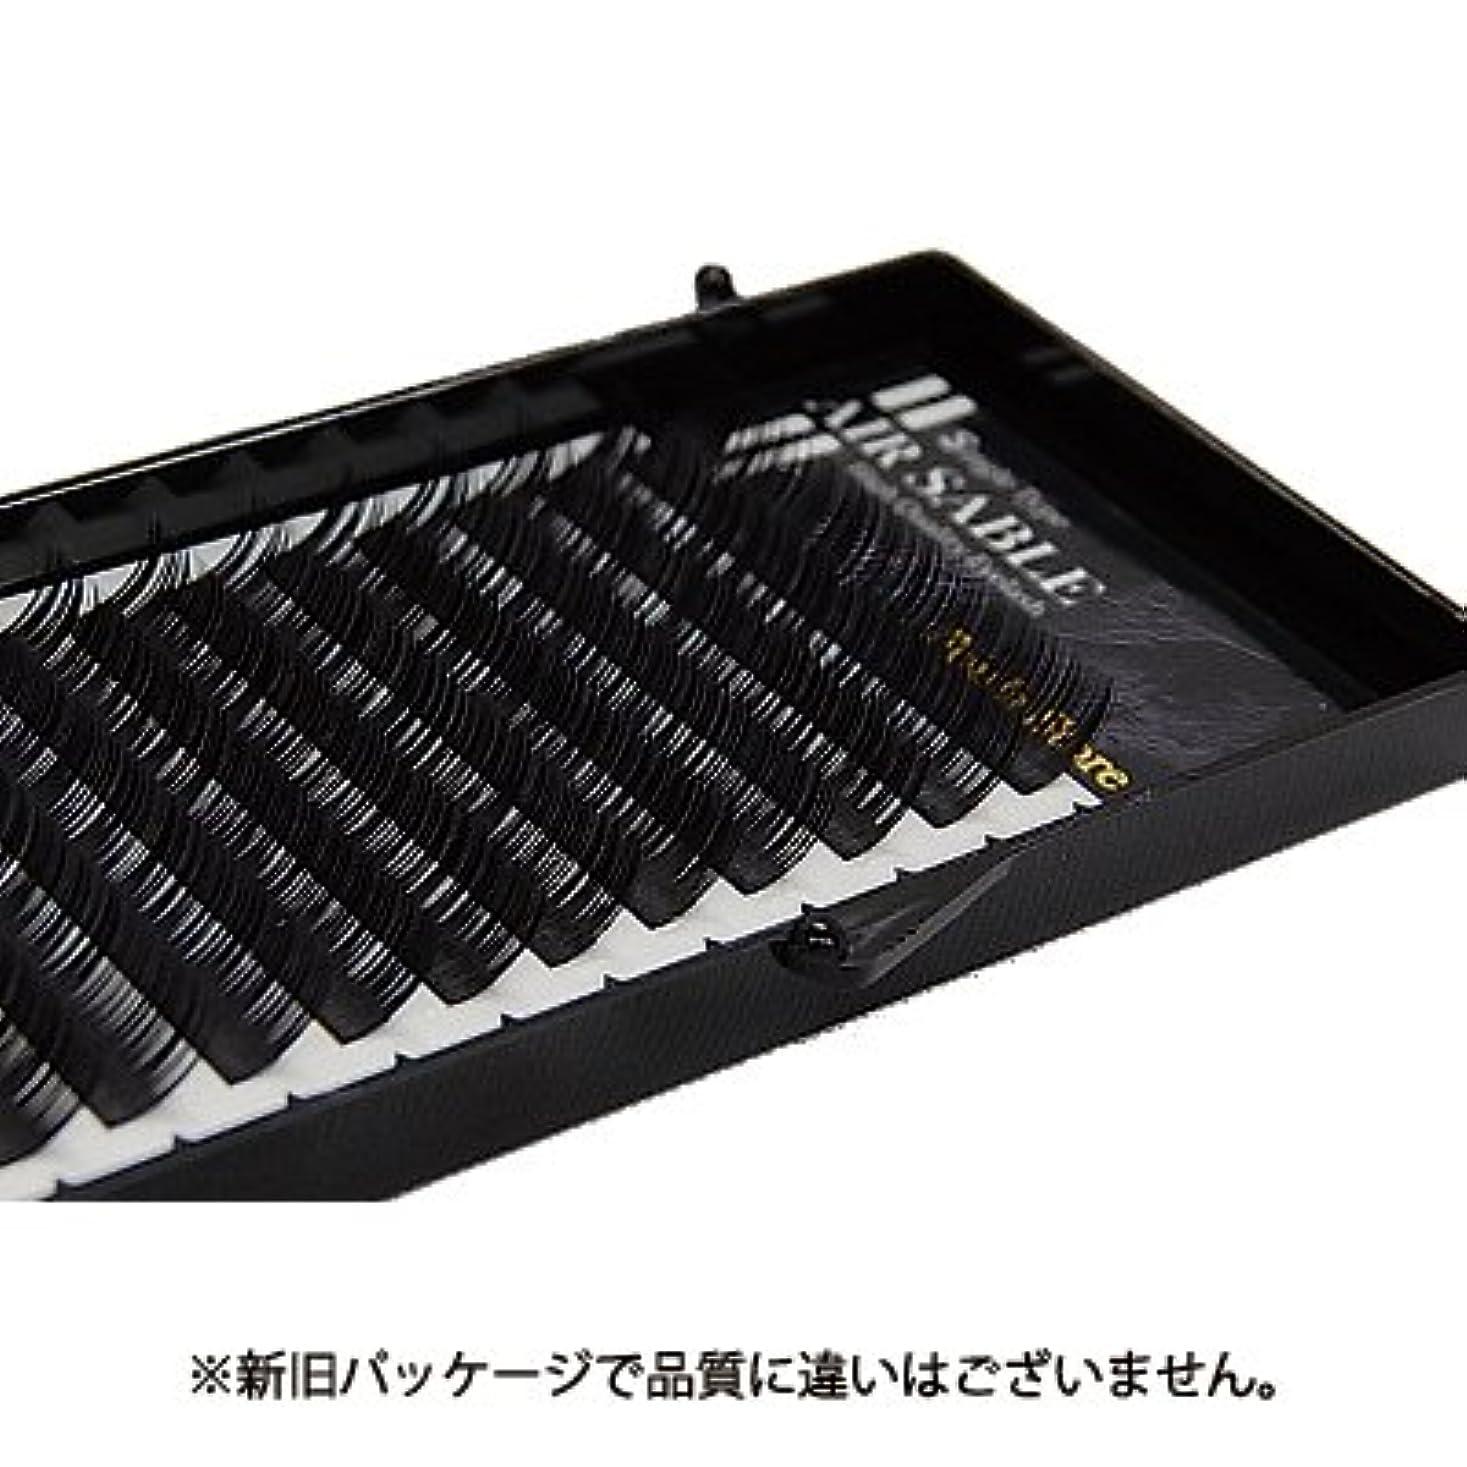 オーブン彫る試験【フーラ】エアーセーブル シート 12列 Cカール 9mm×0.15mm